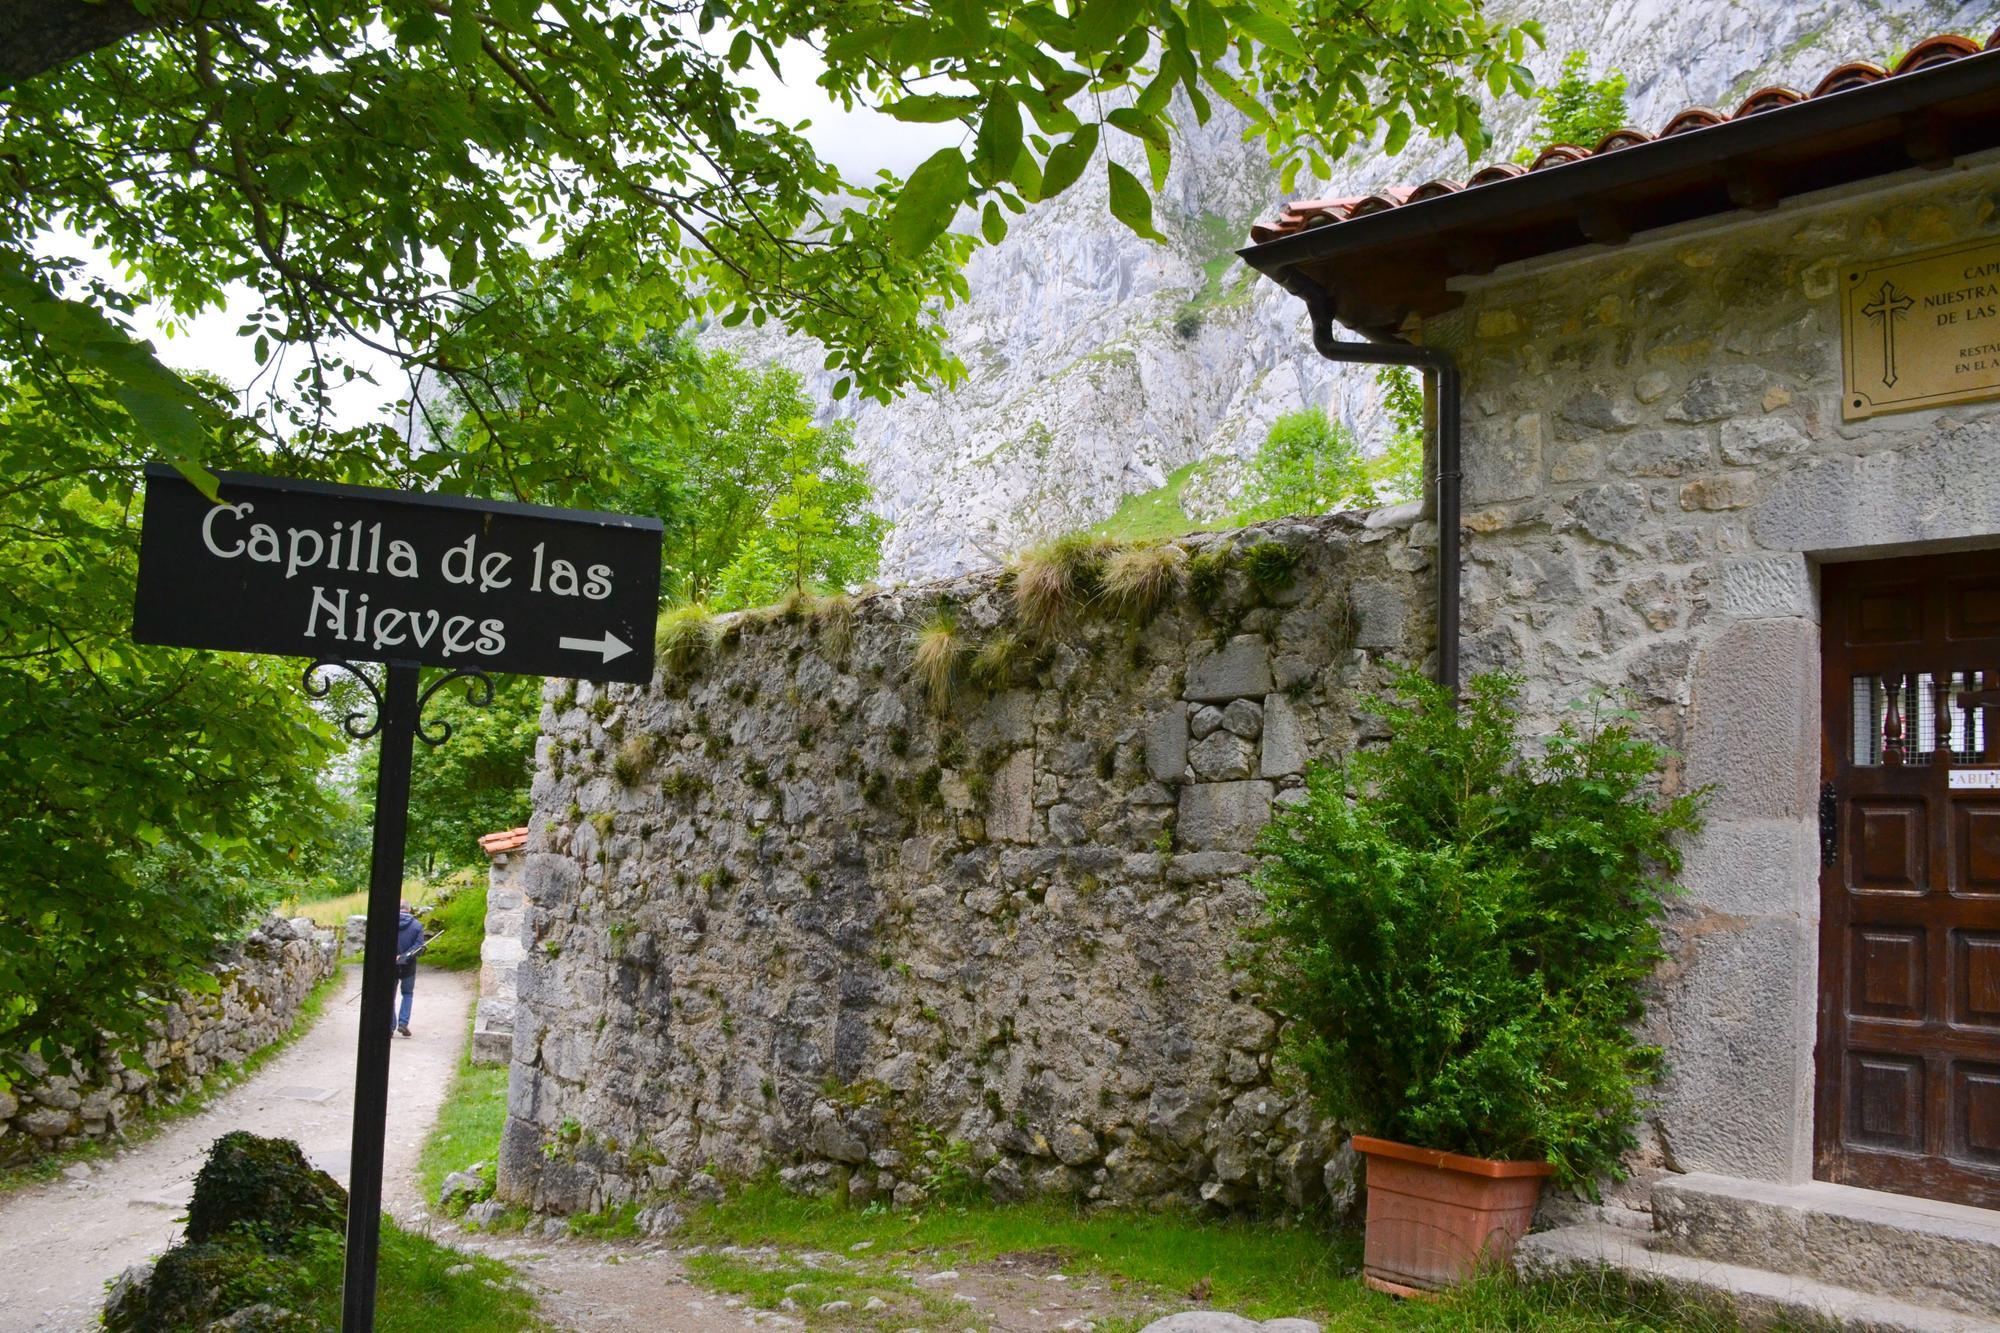 Señalización de la capilla de la Virgen de Las Nieves, a la entrada del pueblo.